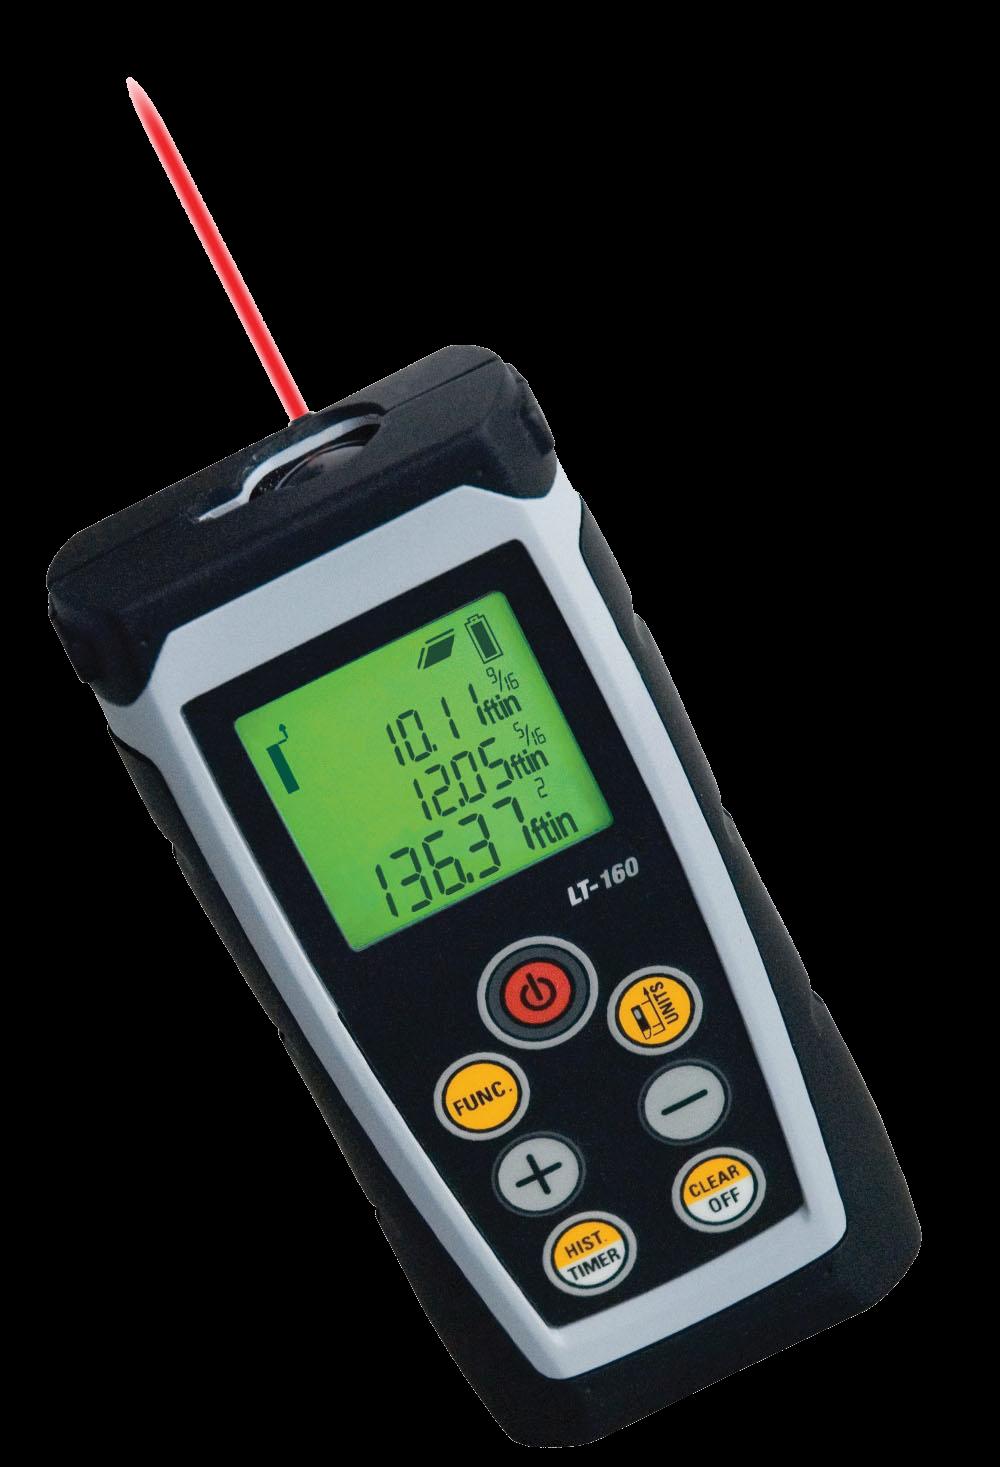 LT-160 laser meter